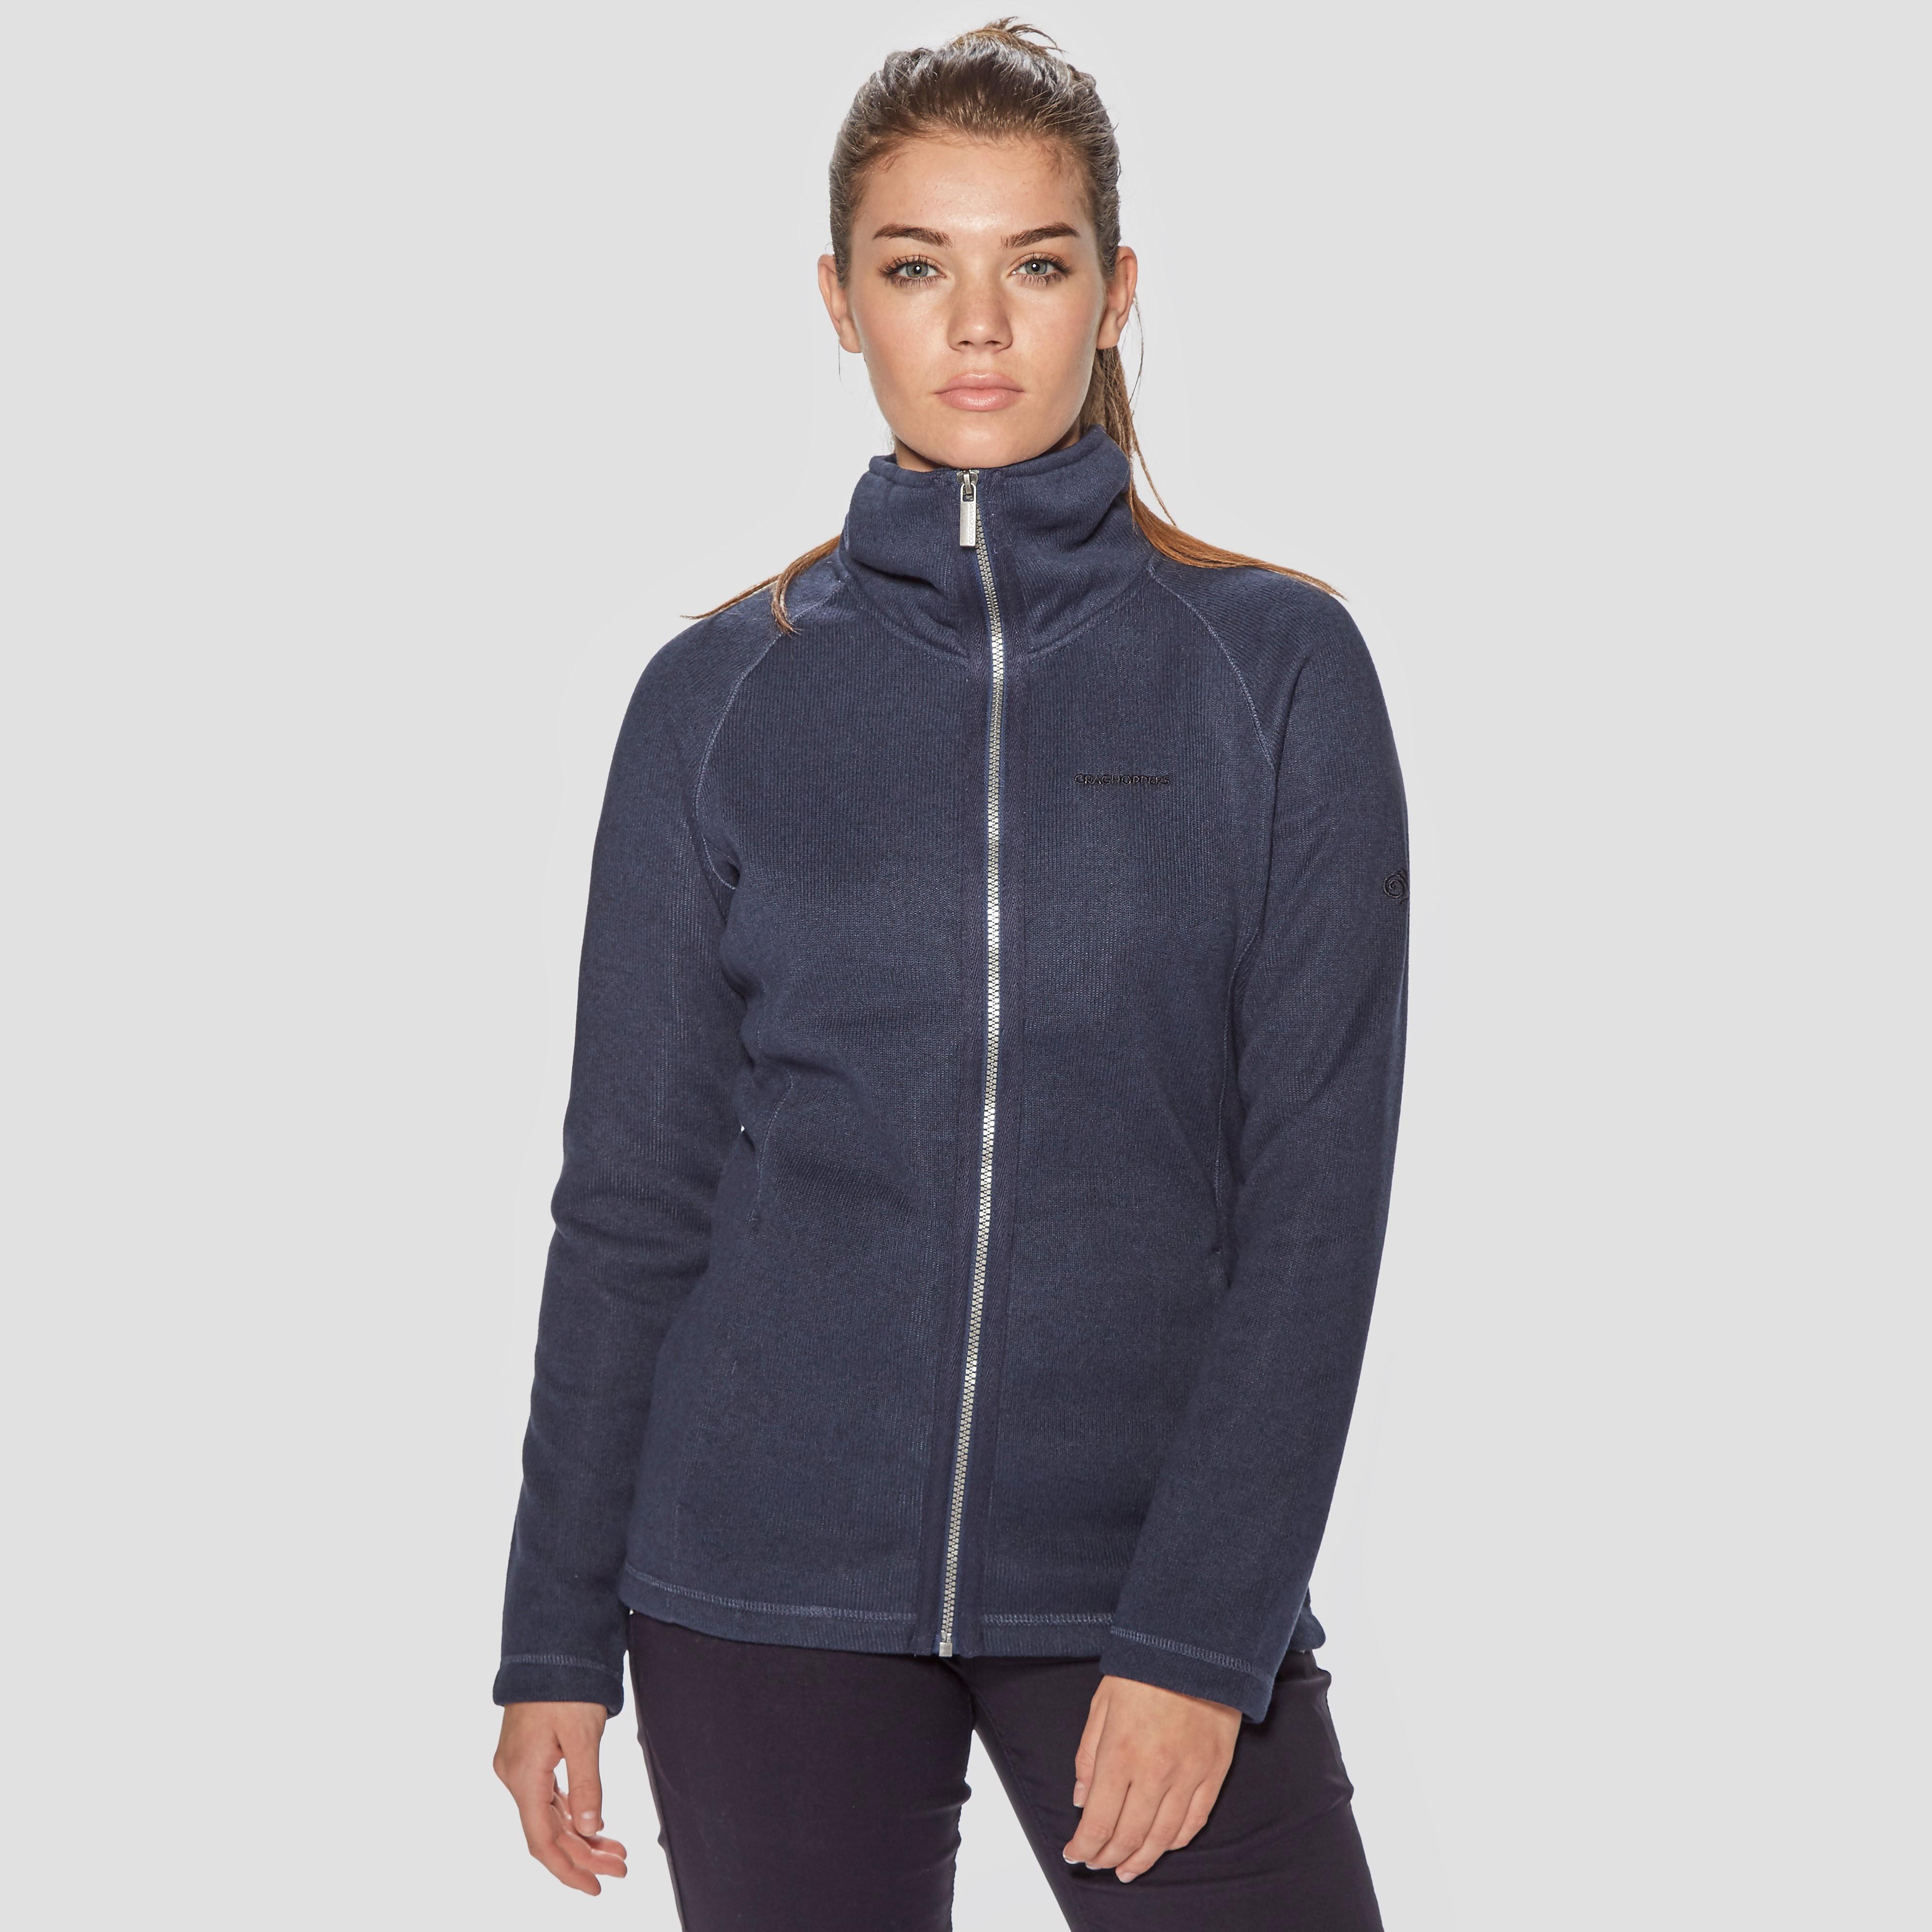 Craghoppers Kerris Full Zip Women's Fleece